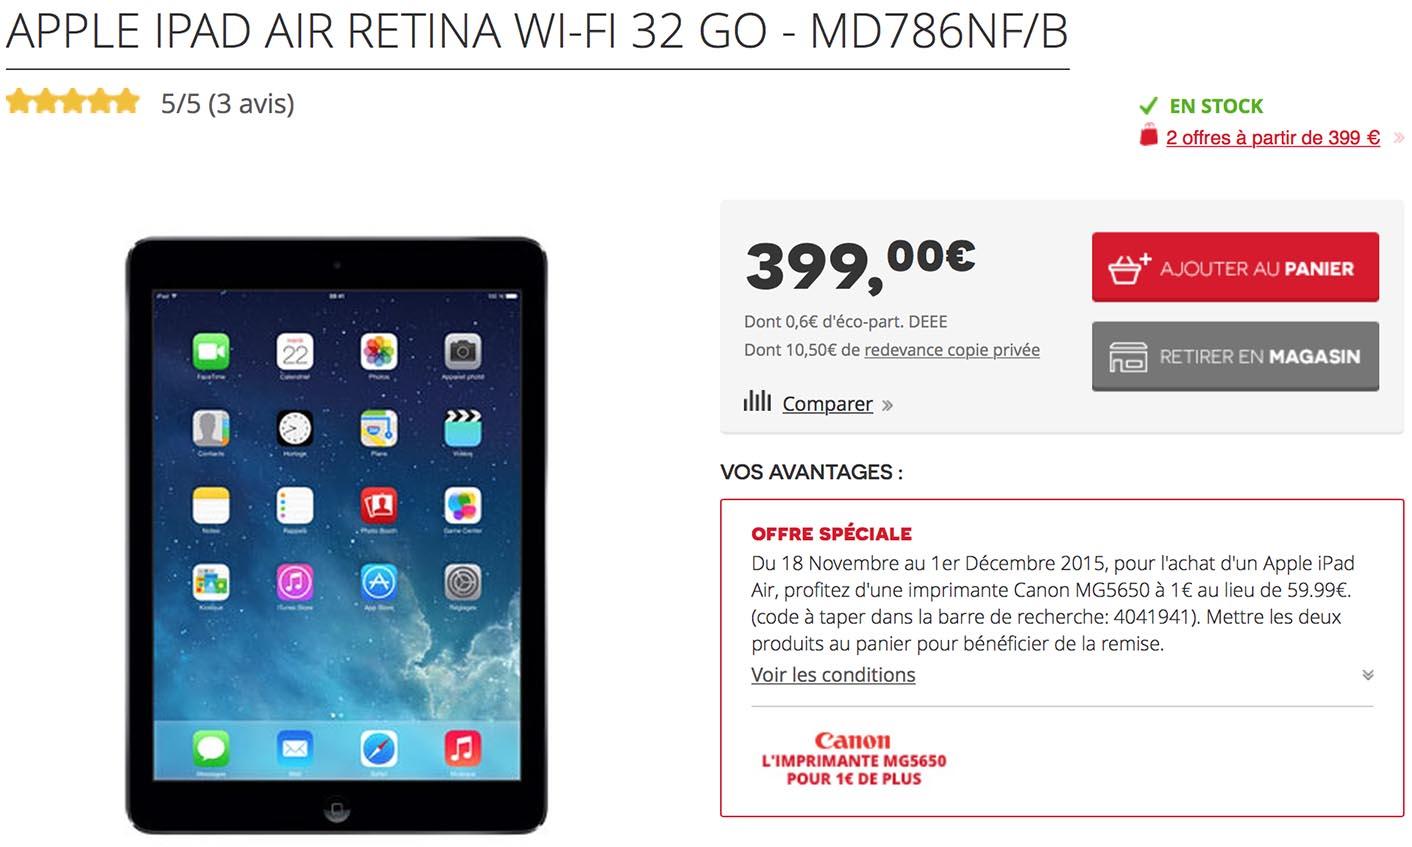 iPad Air Promo imprimante Darty